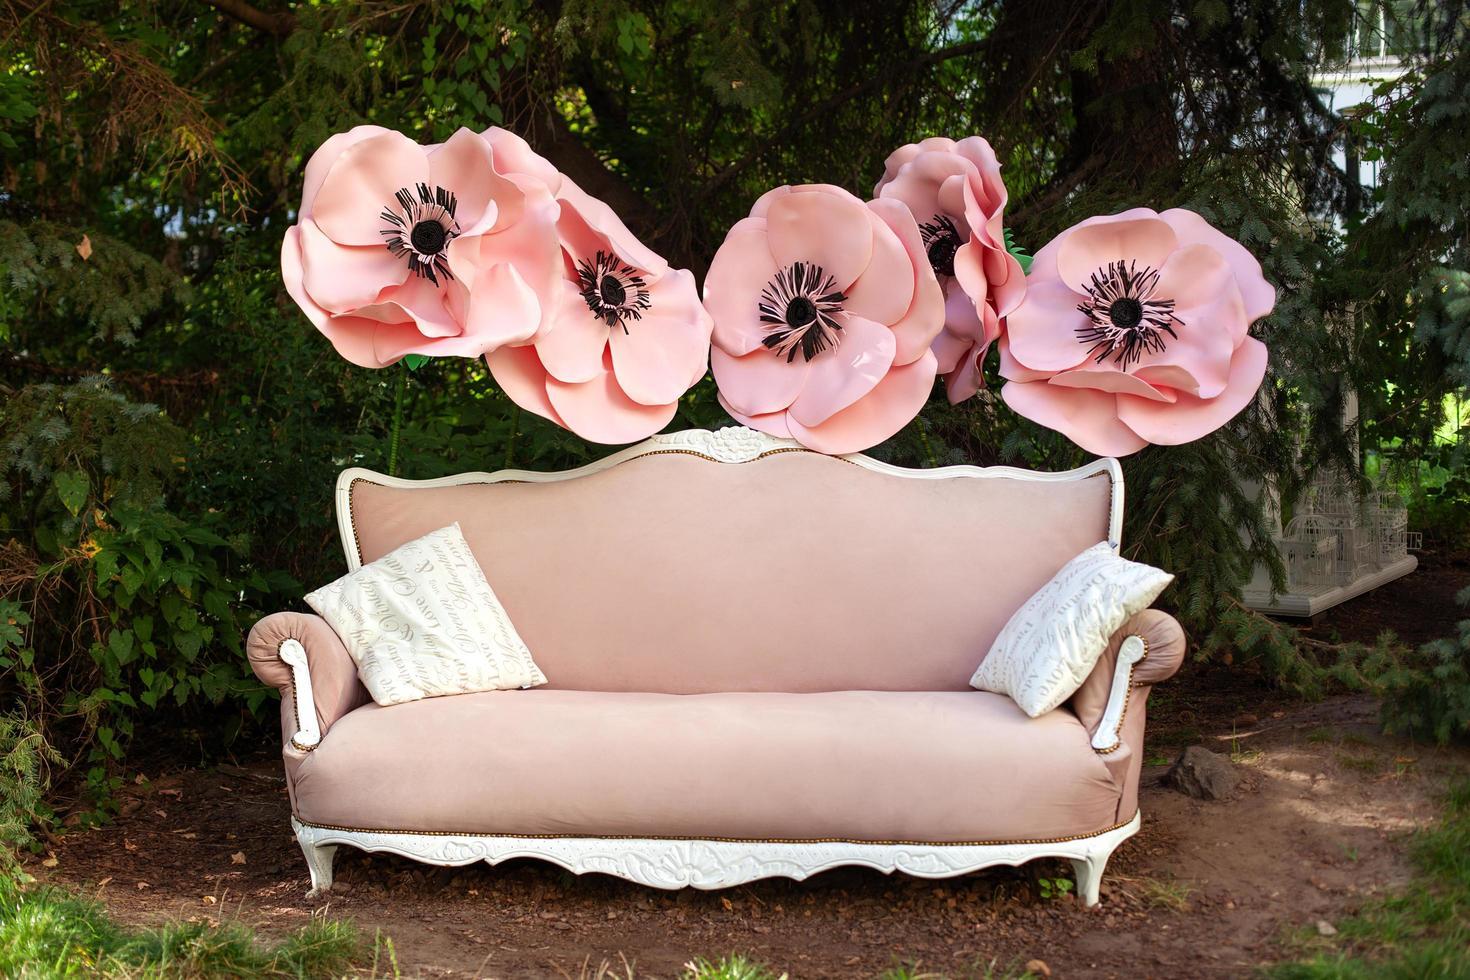 Jardín vintage sofá rosa en día de verano foto